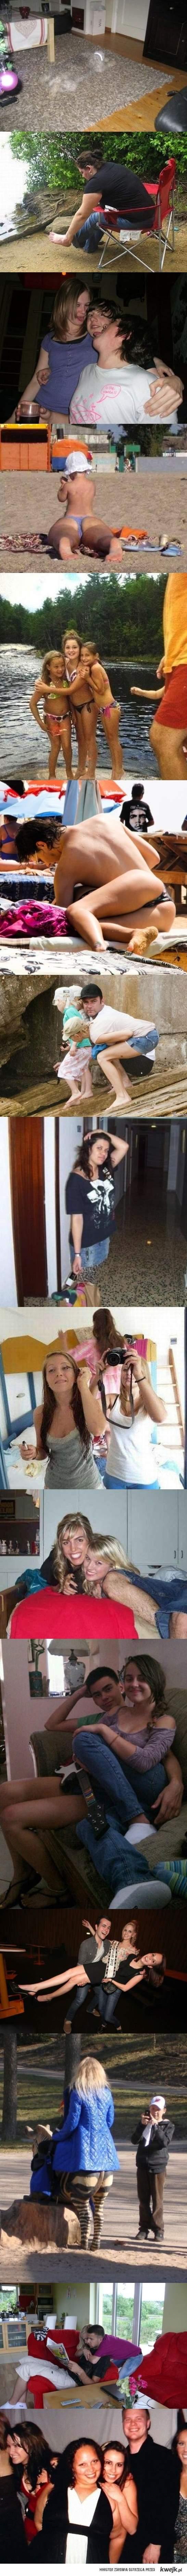 Dziwne fotki